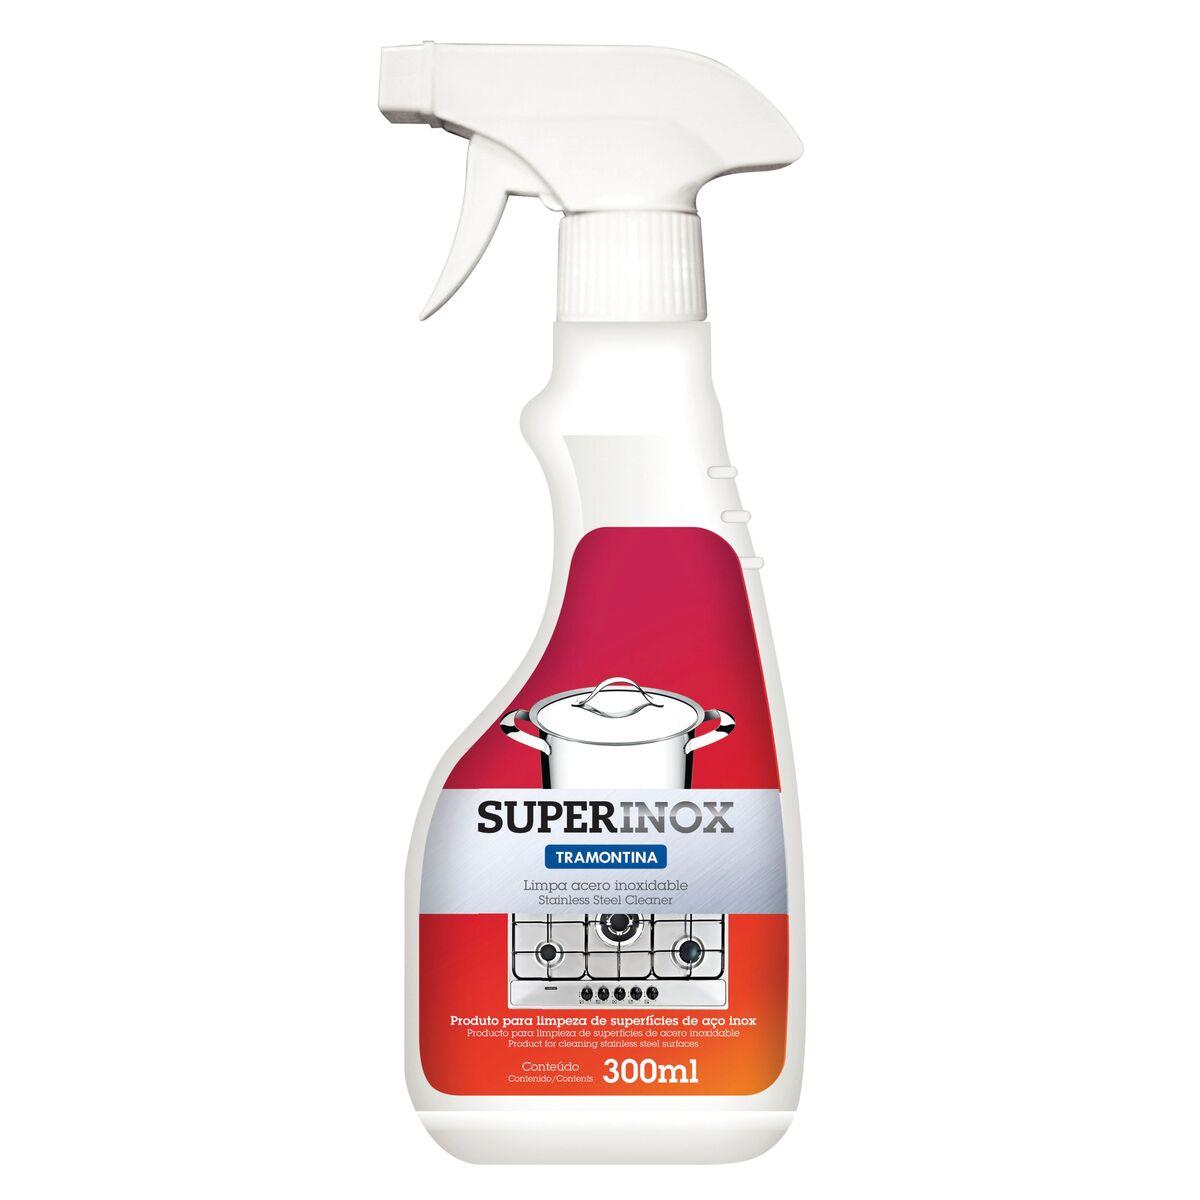 Spray Tramontina de 300 ml para pulir y remover manchas del acero inoxidable